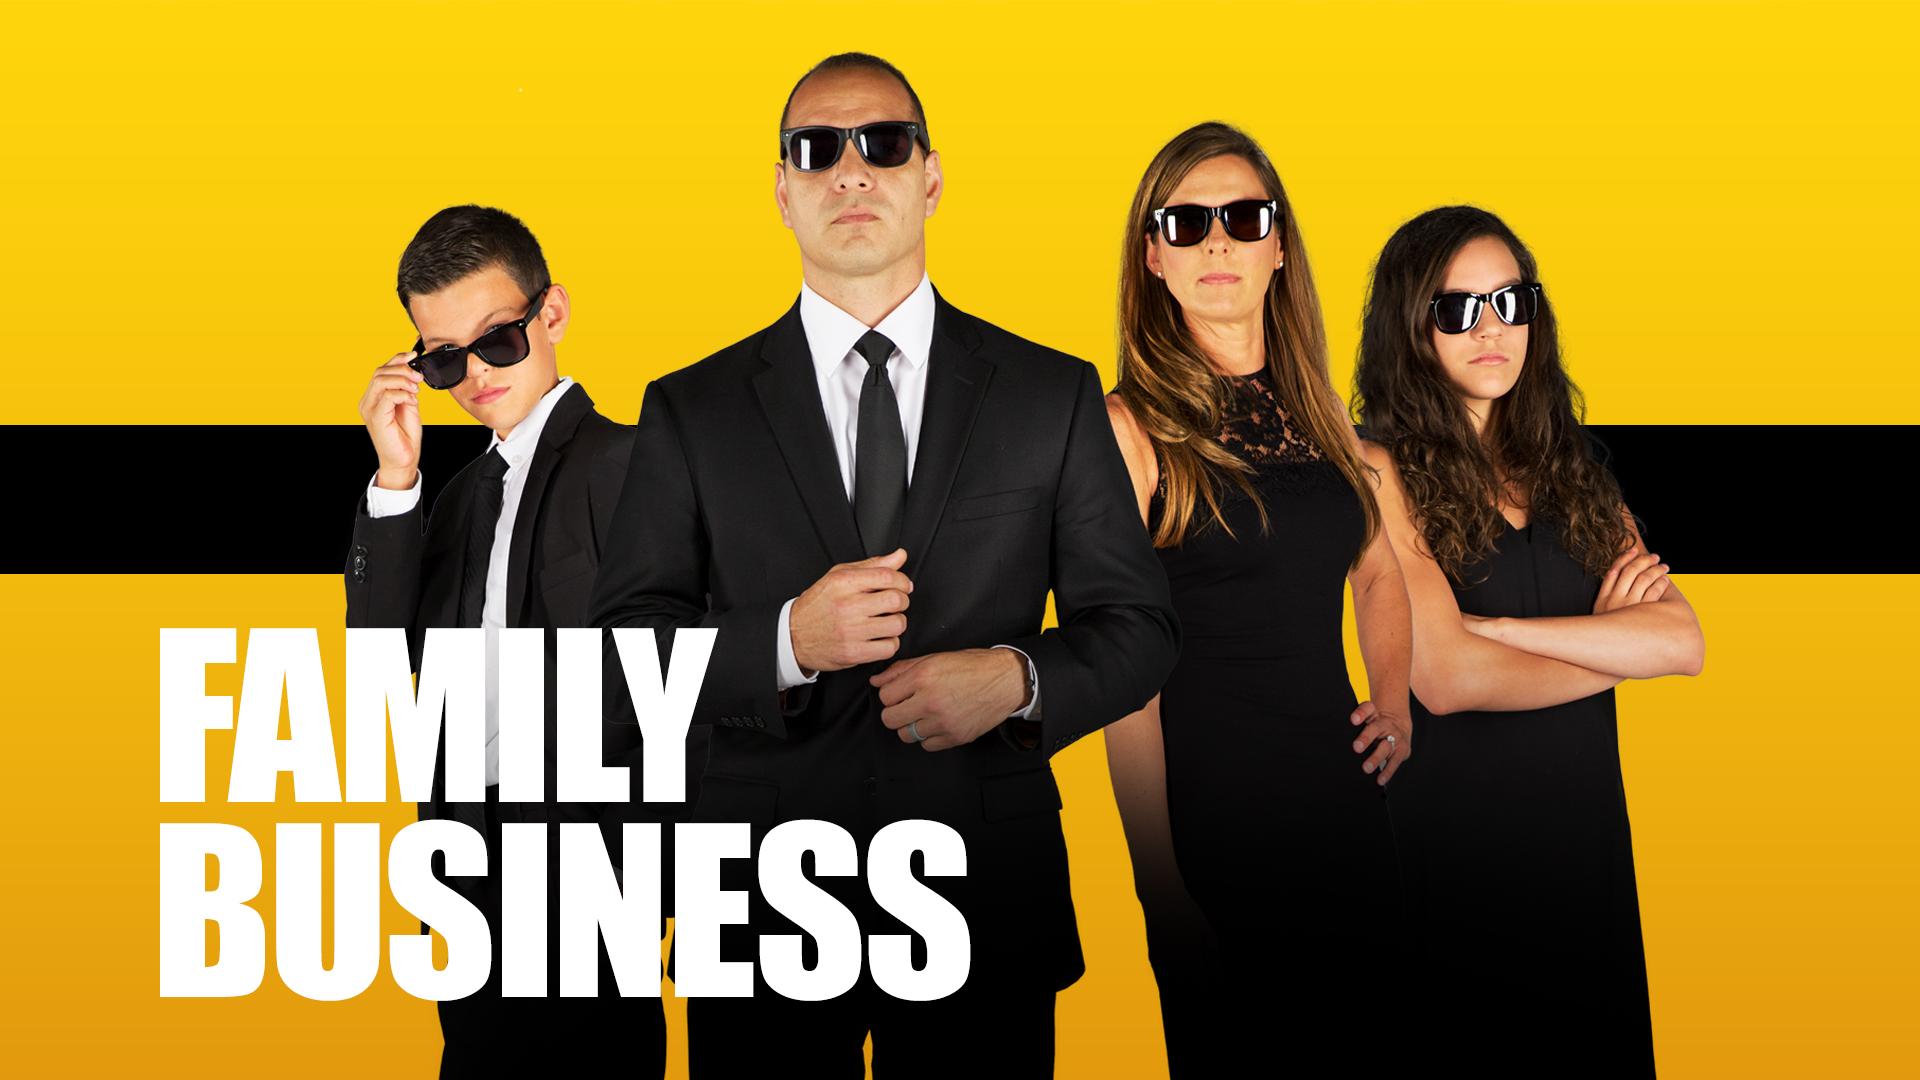 FamilyBusiness_FullScreen_SeriesArt.jpg